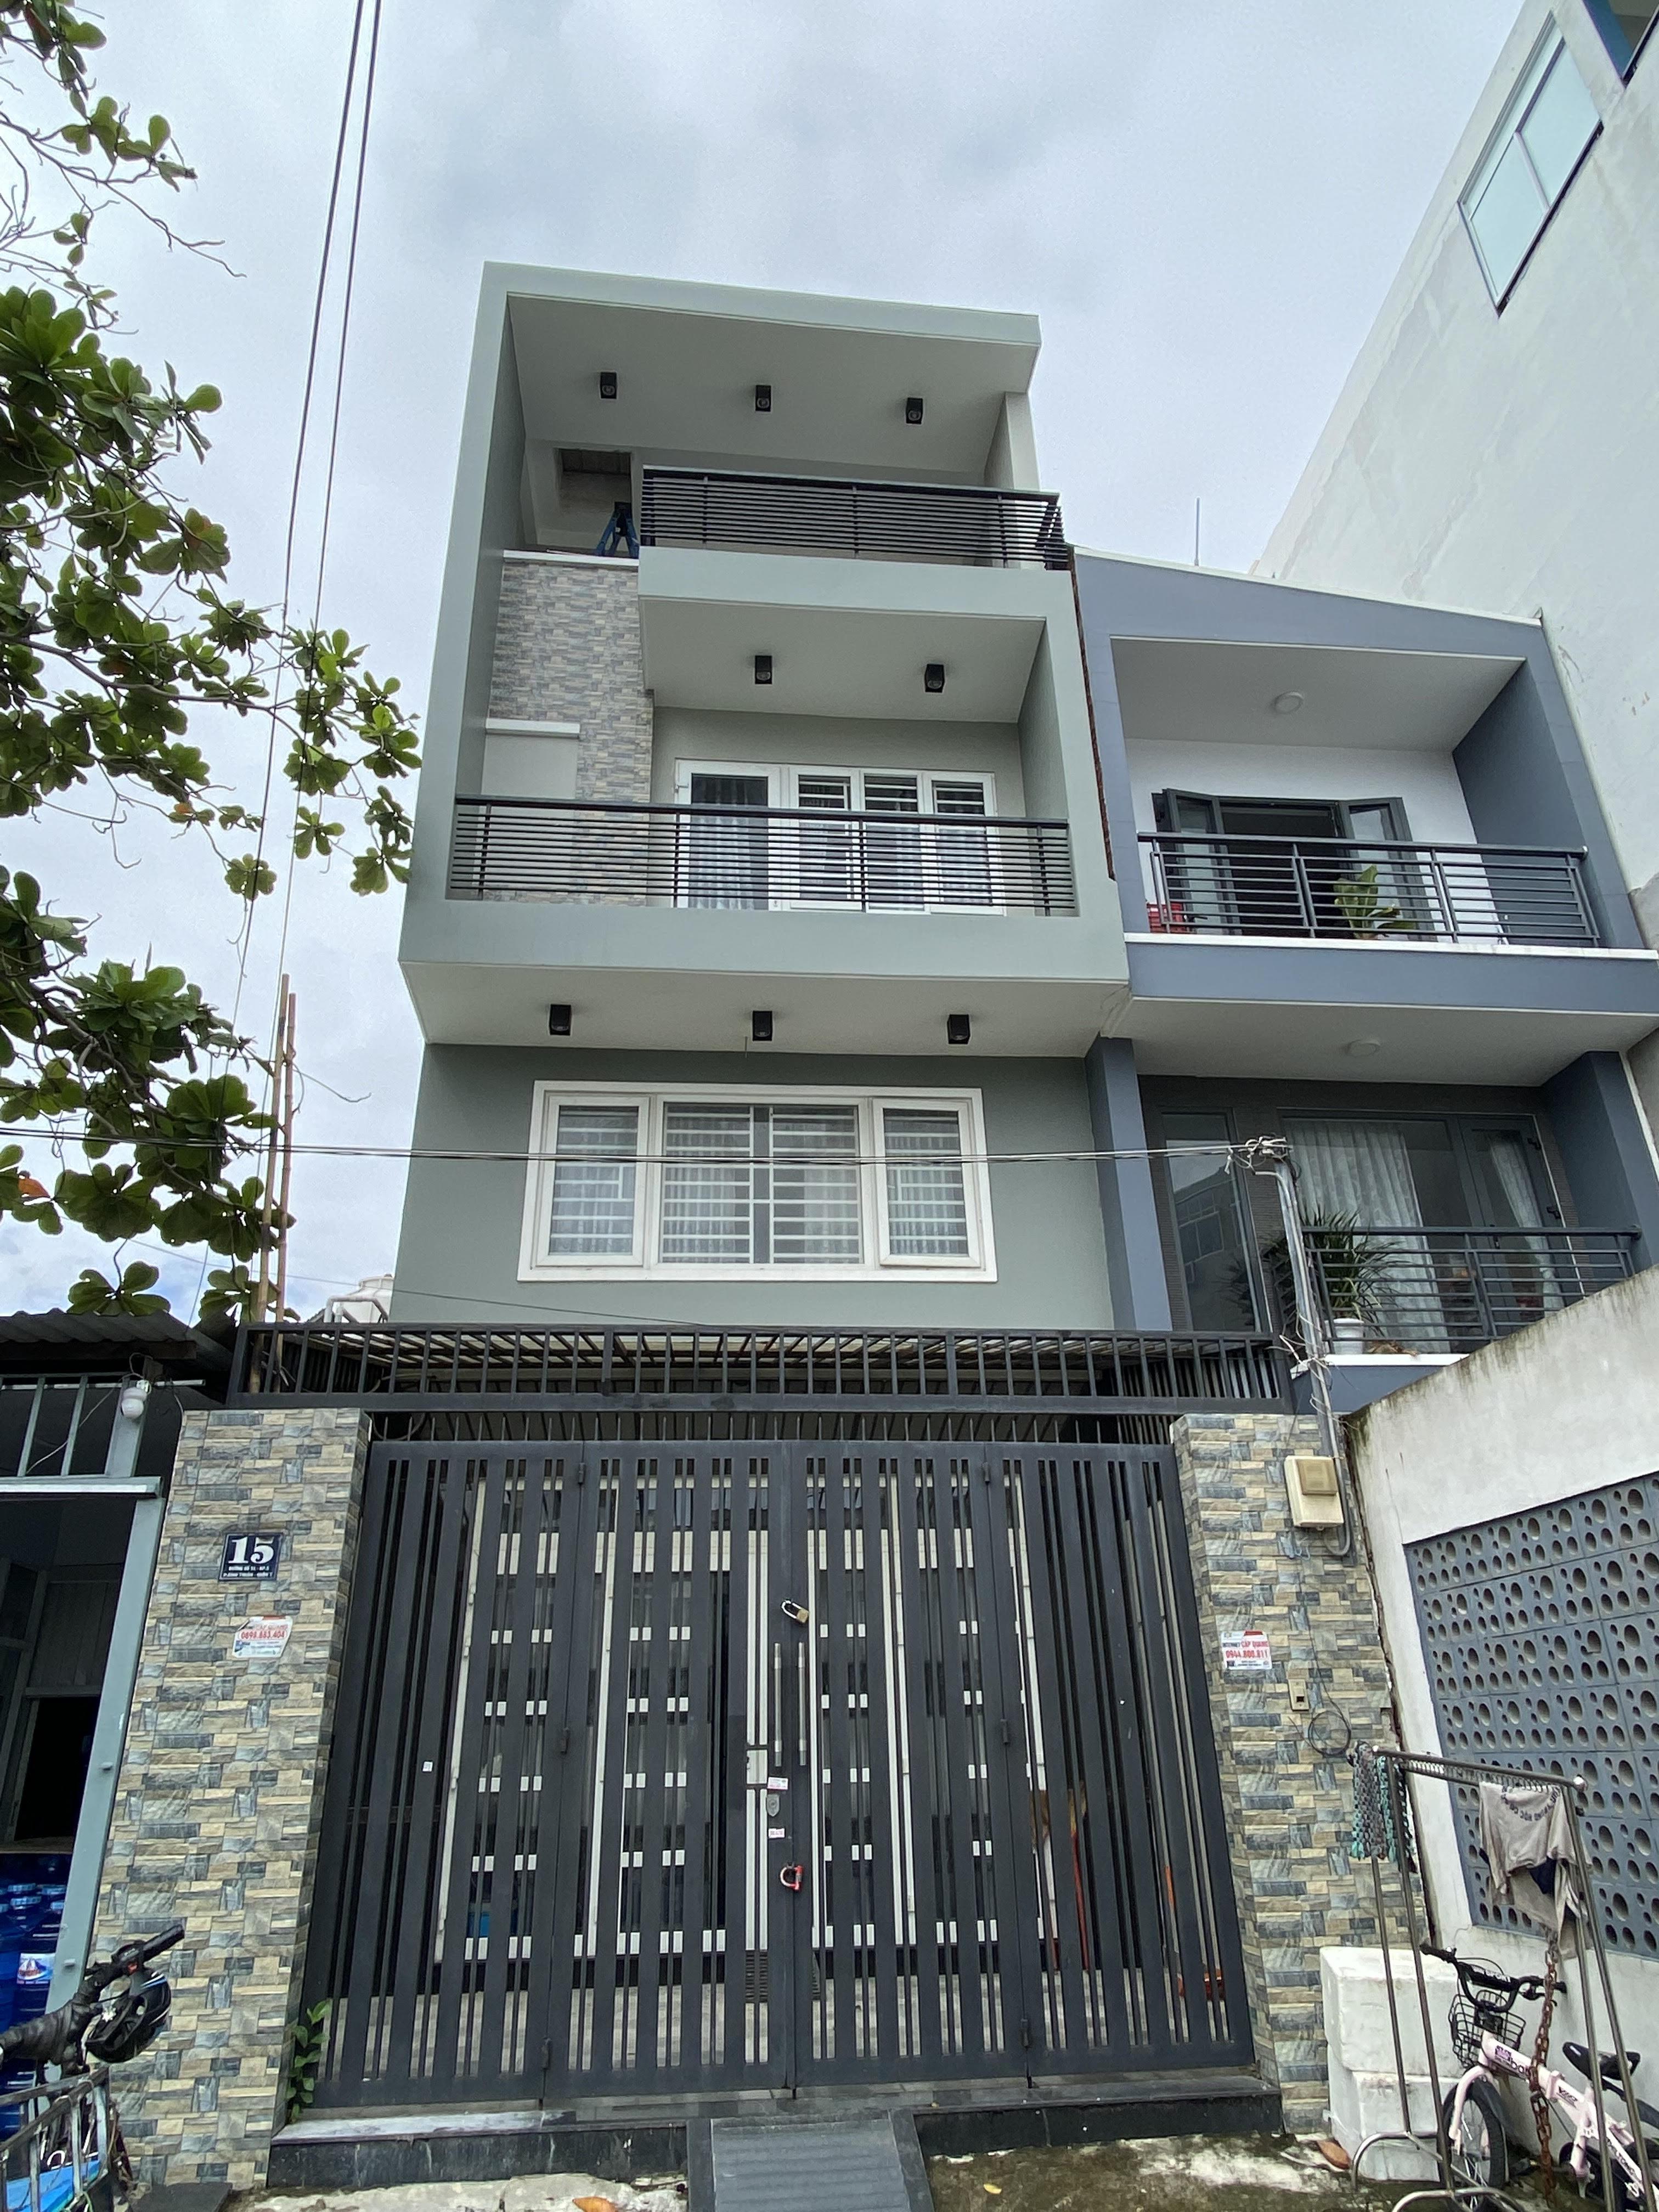 Bán nhà Q7 hẻm 30 Lâm Văn Bền, 5m x 15m, chỉ 6.7 tỷ